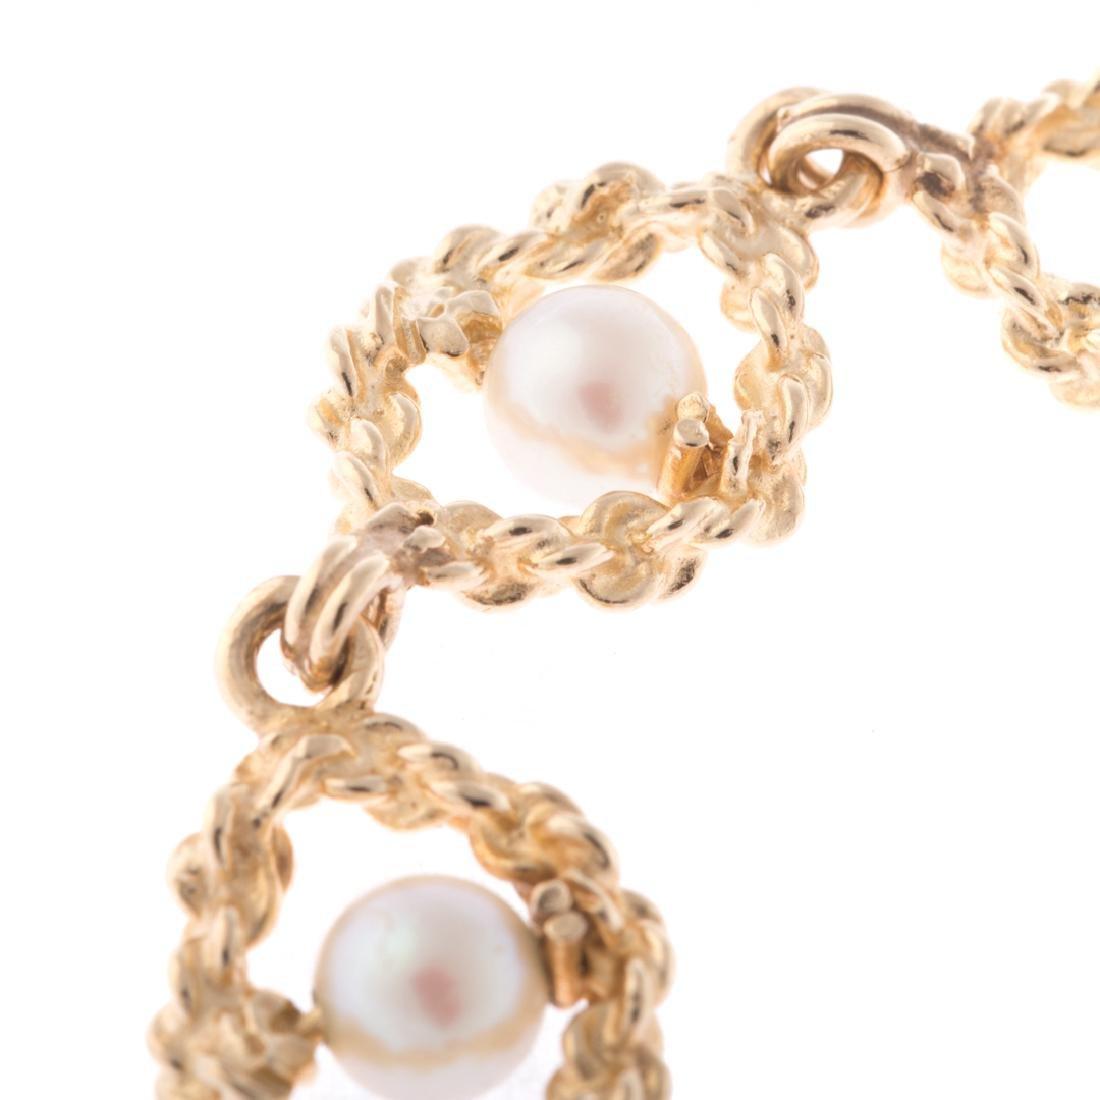 A Lady's Pearl Bracelet in 14K Gold - 2